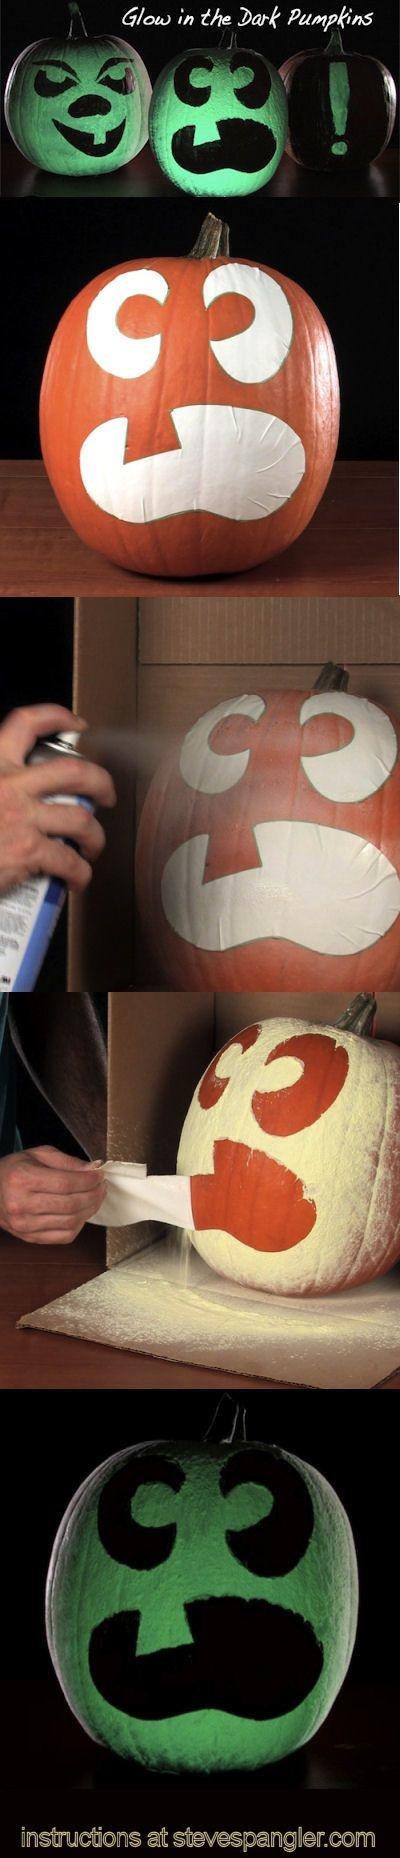 pumpkin ideas13